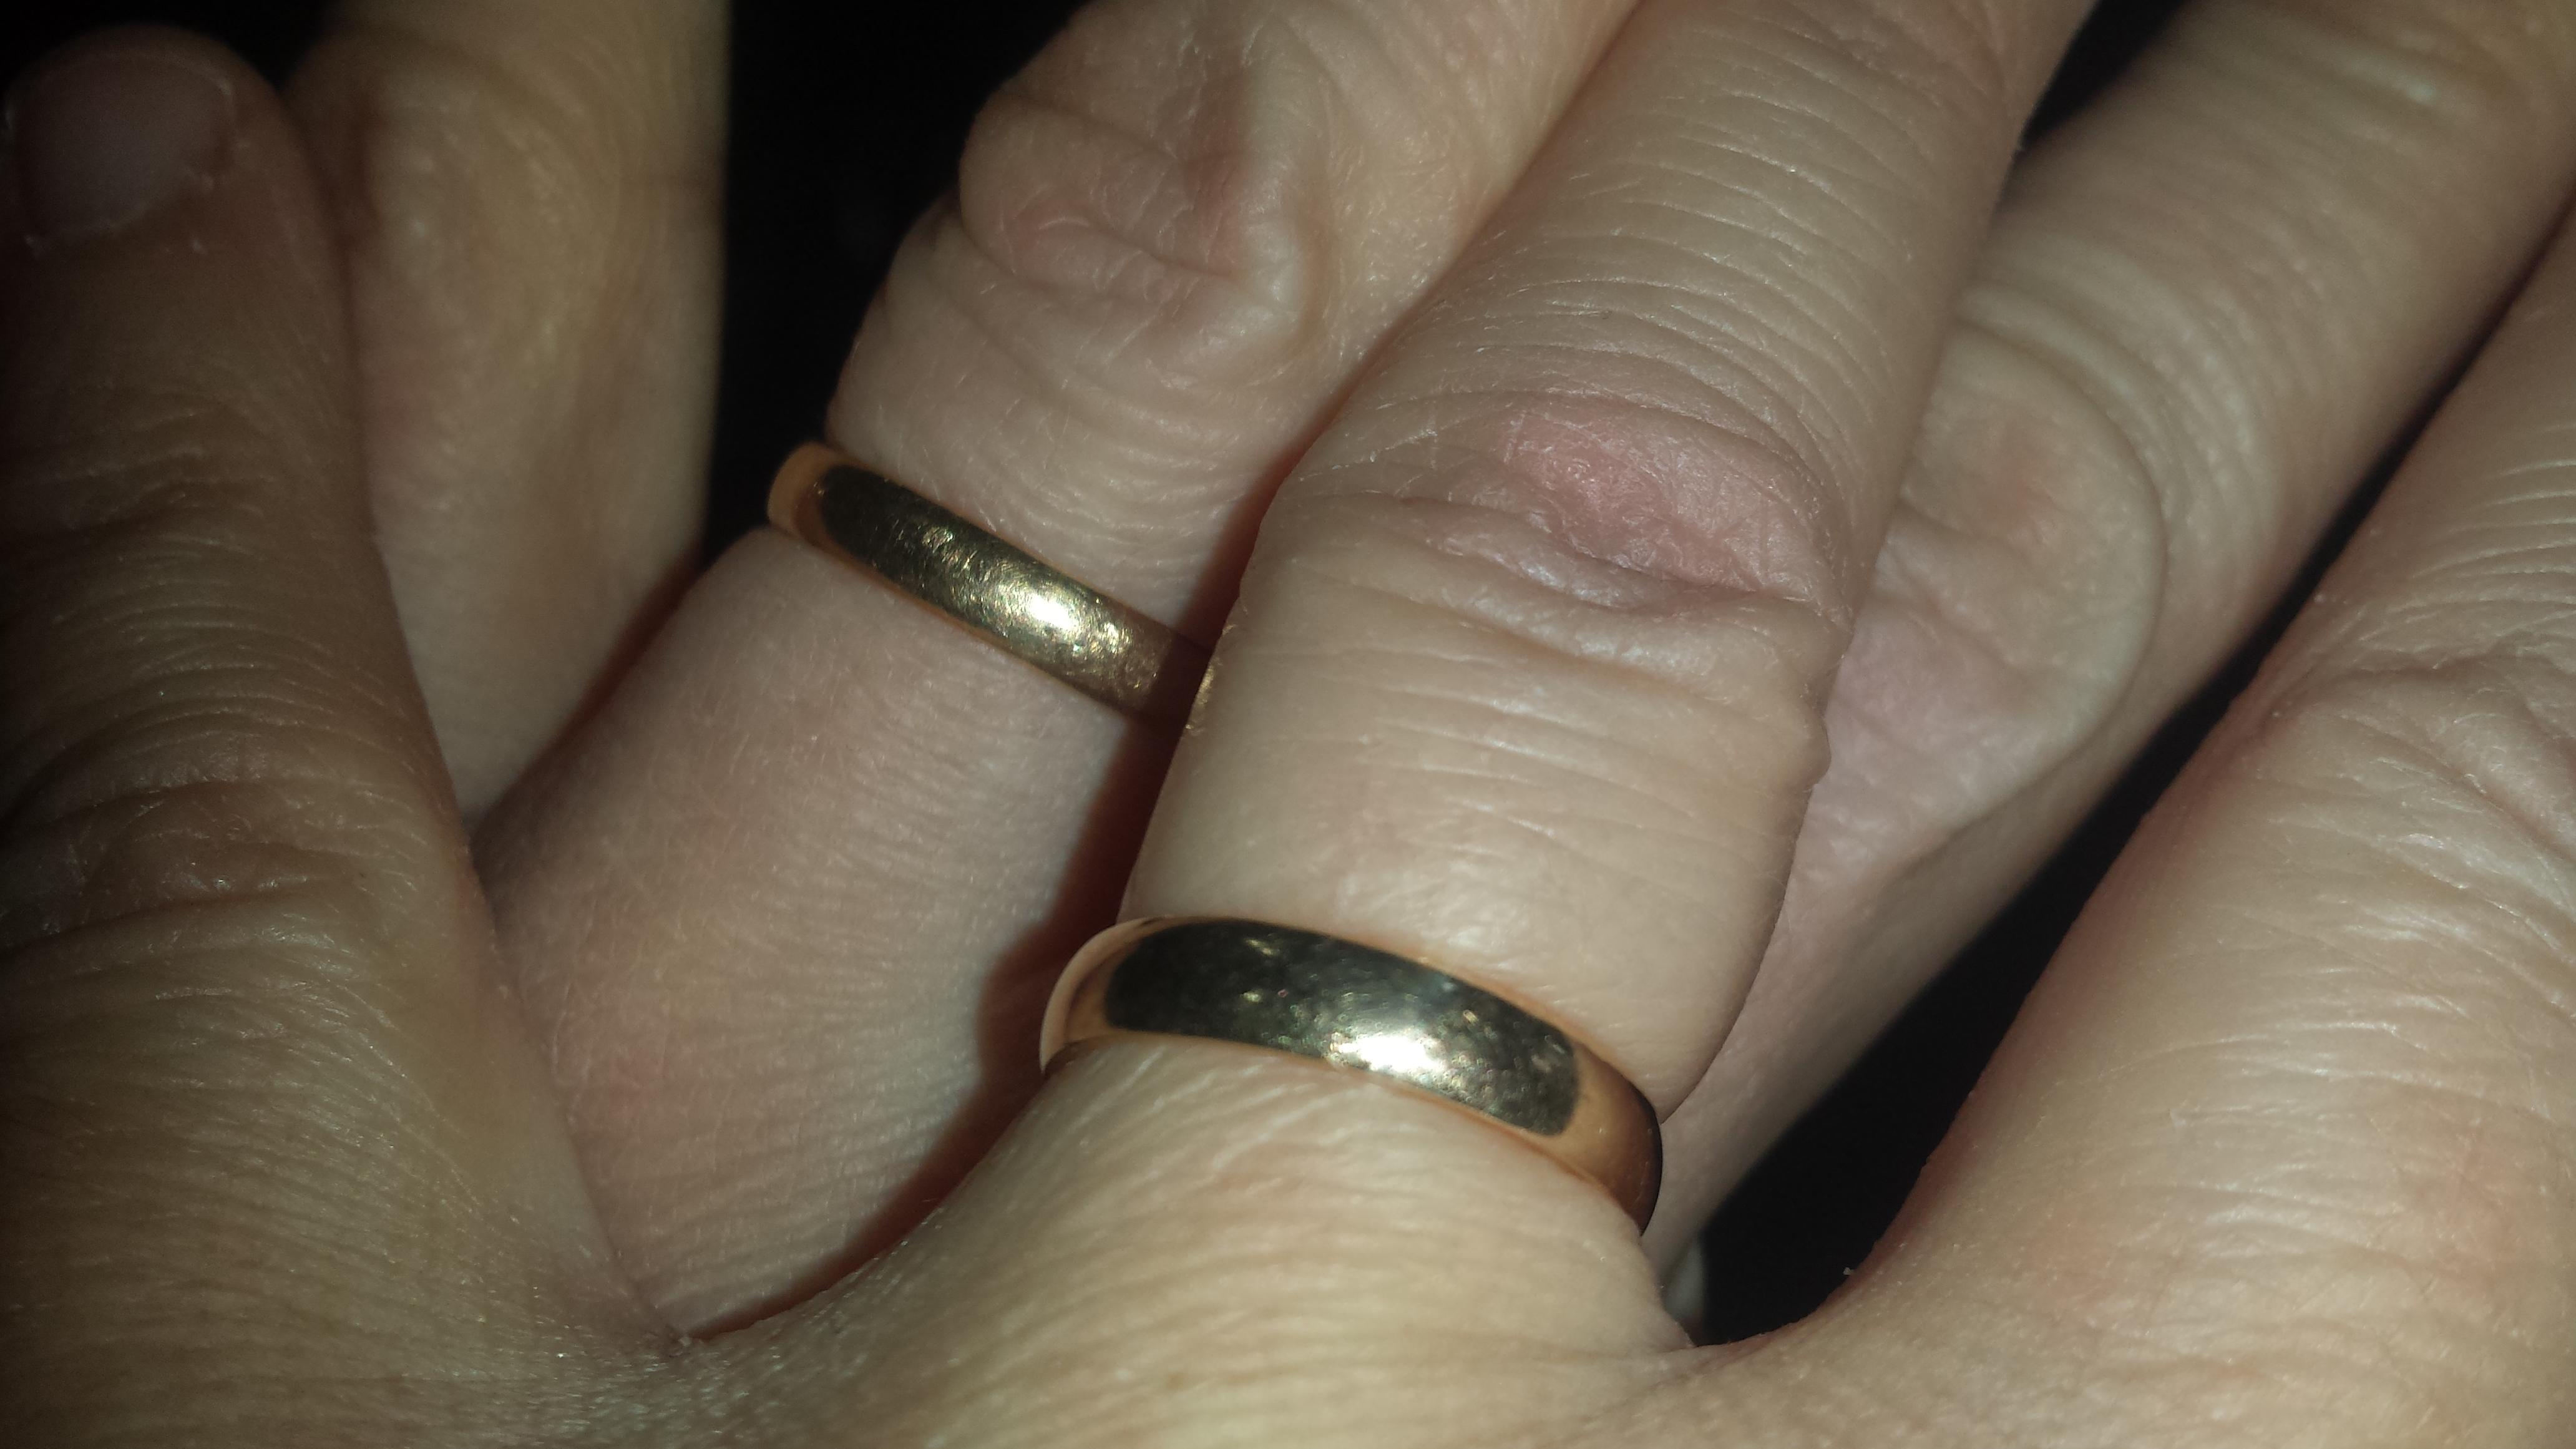 dating webbplats för gifta män yngre 50 örnsköldsvik